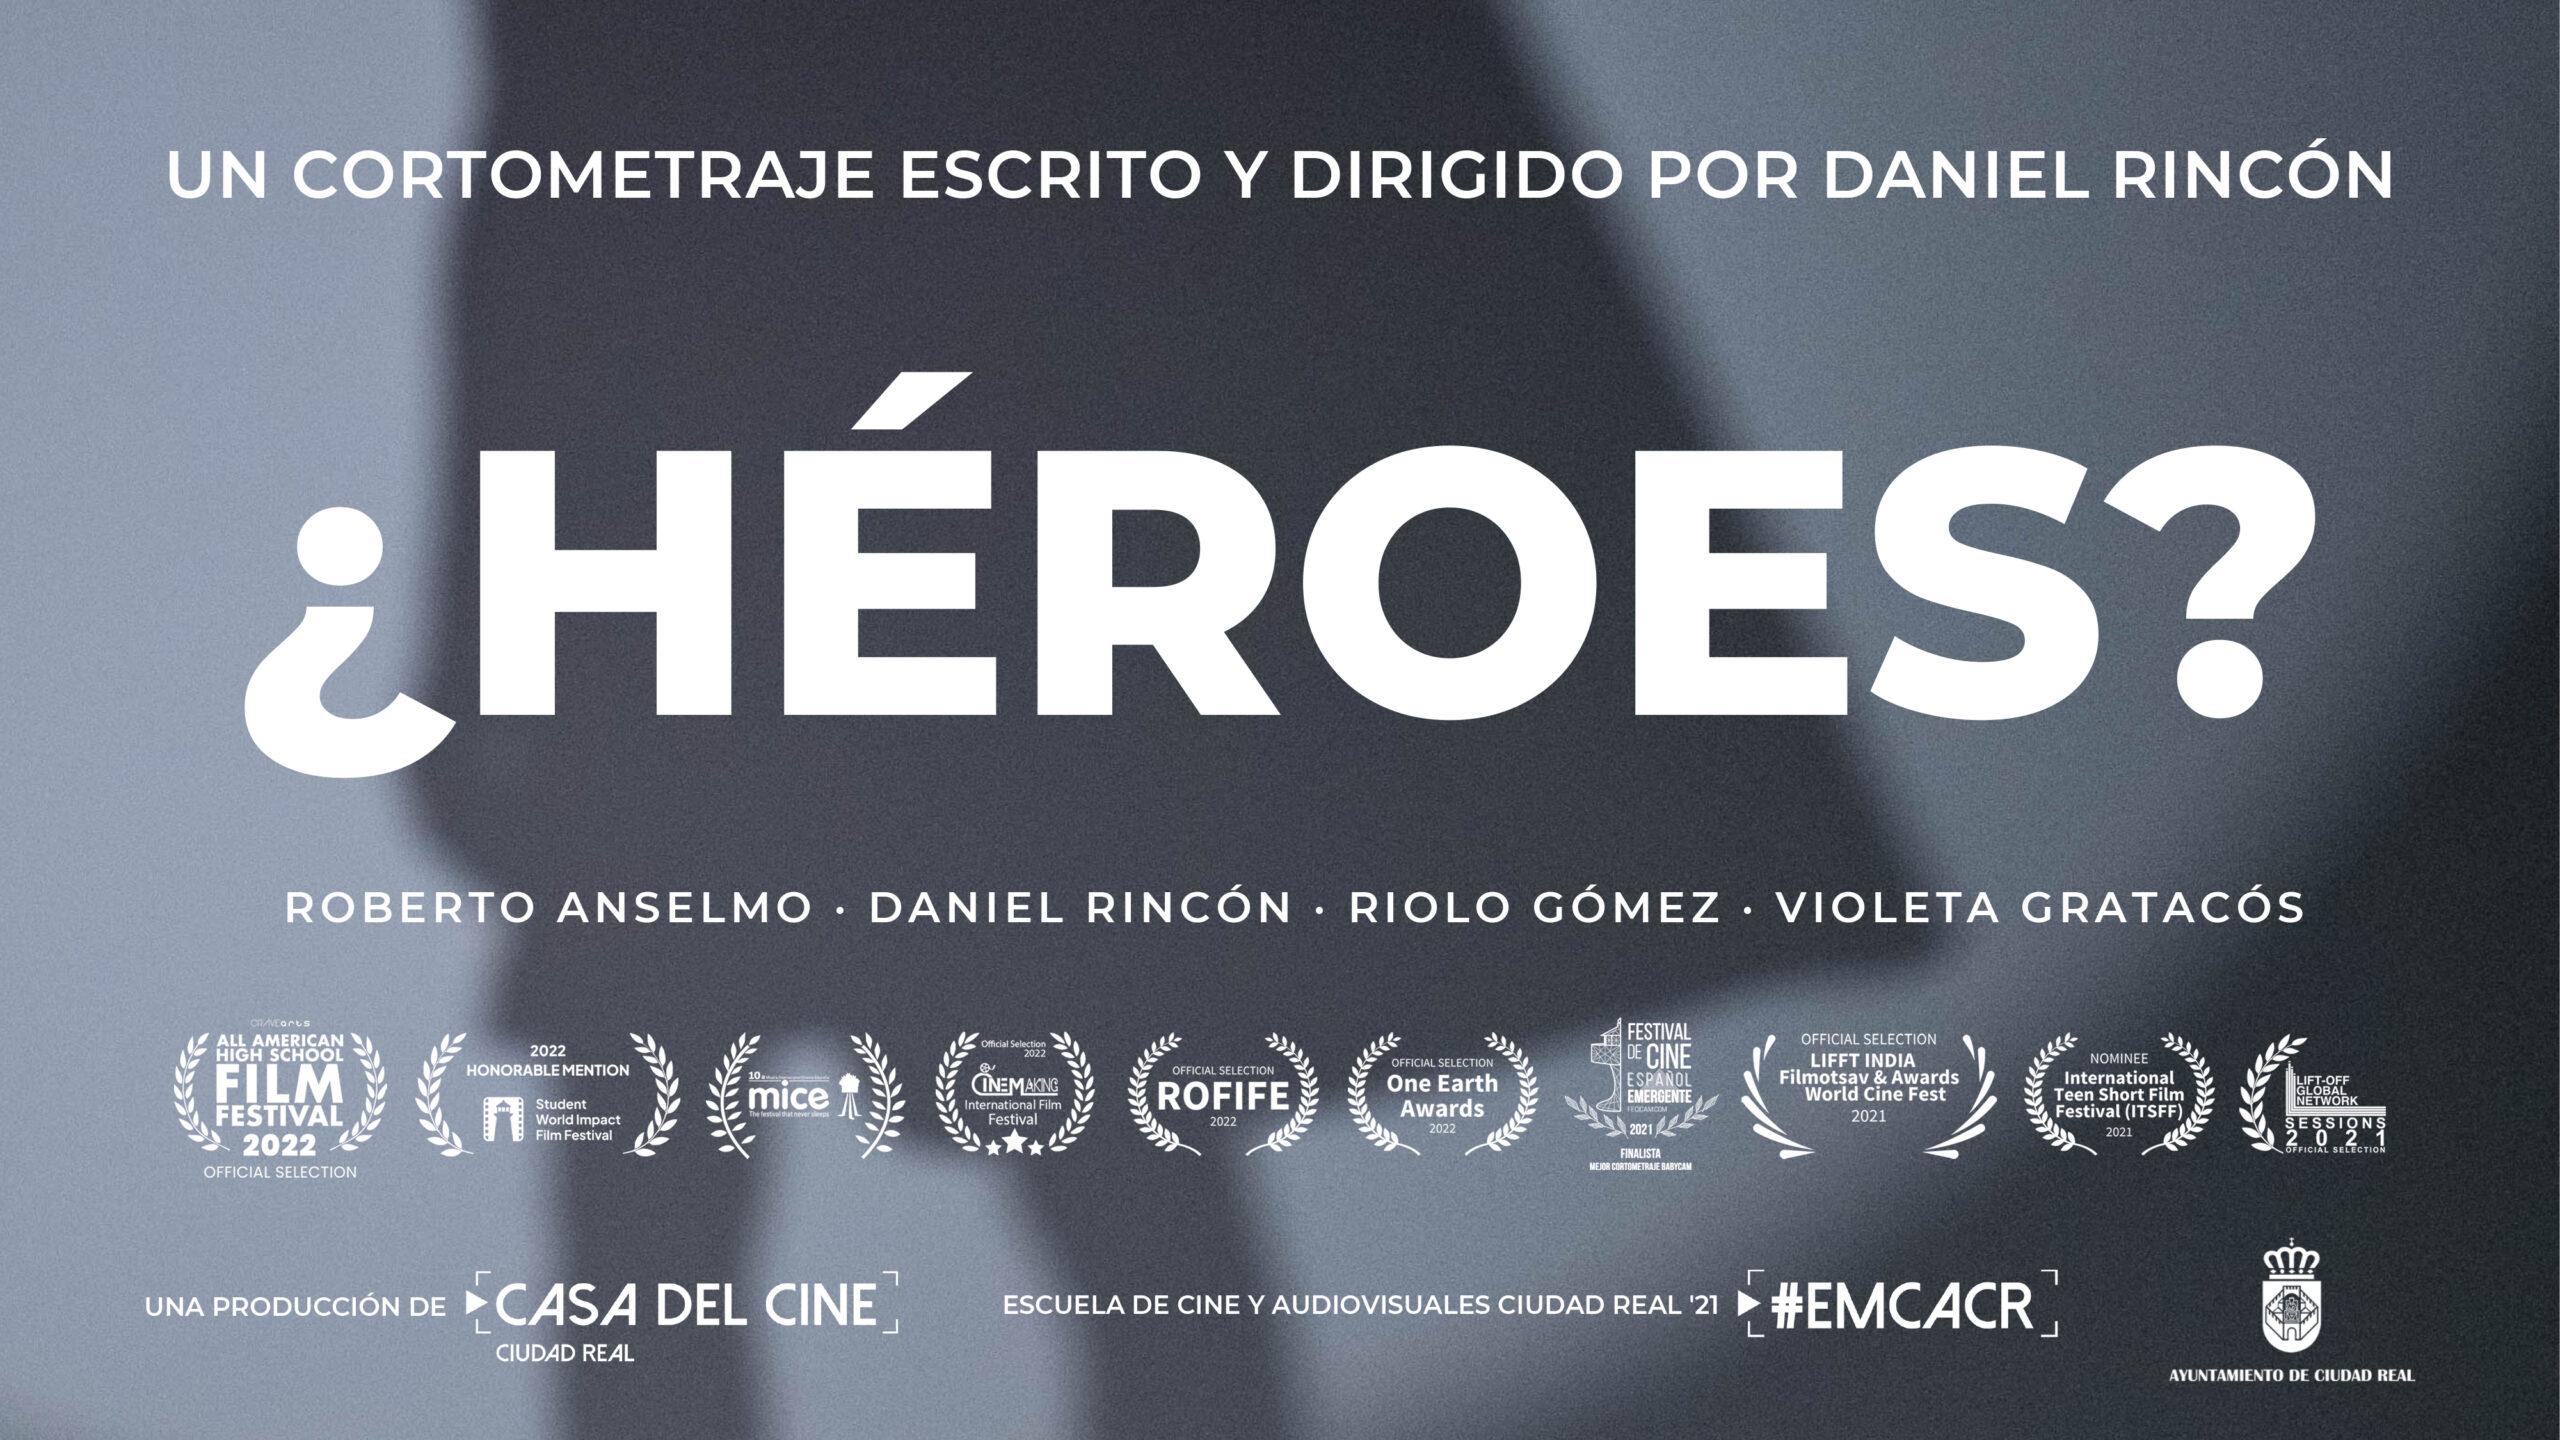 ¿Héroes?